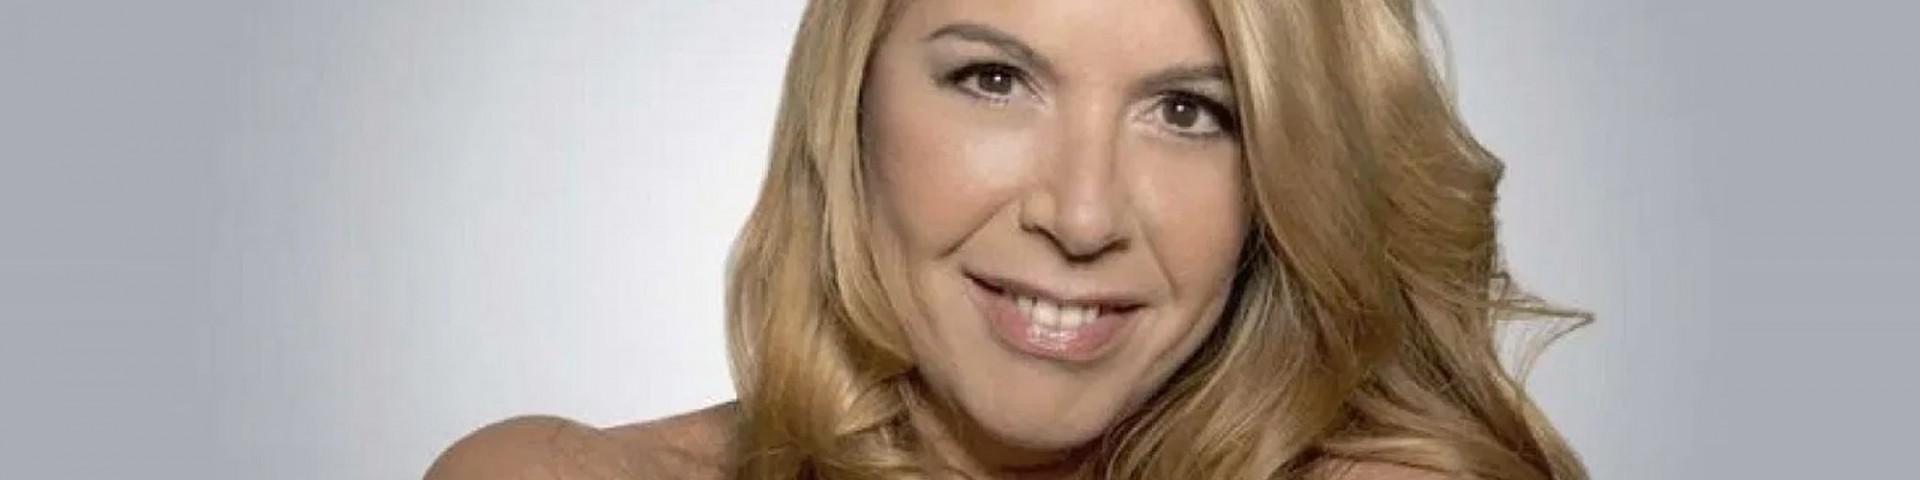 Amici 19: Anna Pettinelli nuova prof di canto (Anticipazioni)